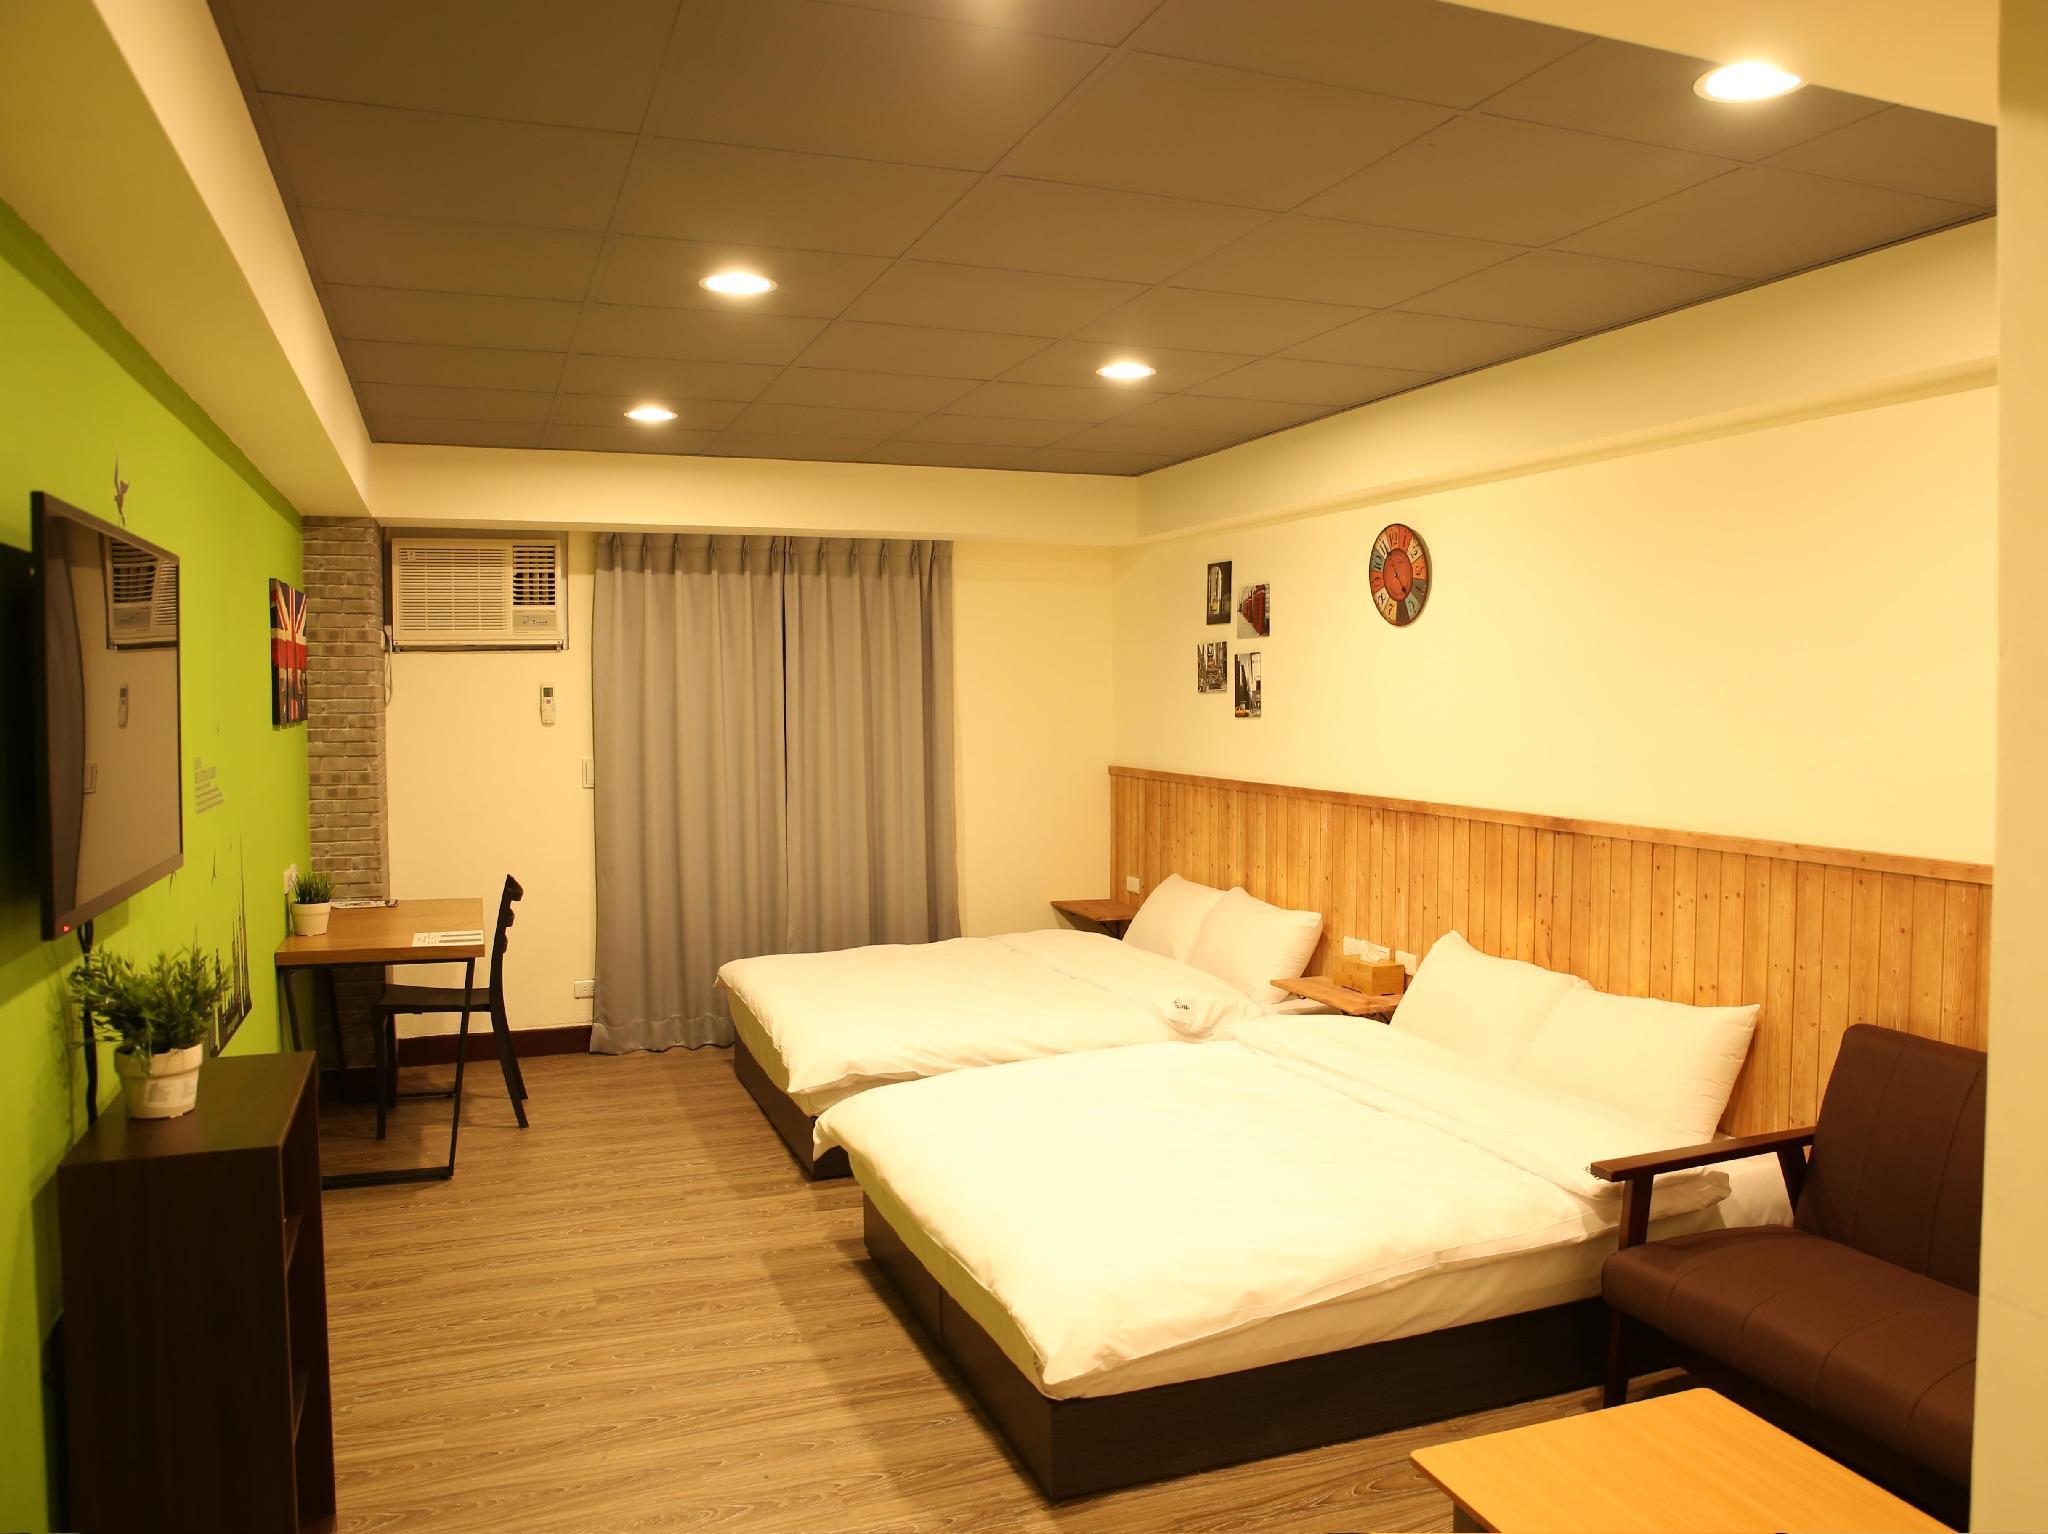 Ximen 35 hotel ximending taipei taiwan great for Design ximen hotel ximending